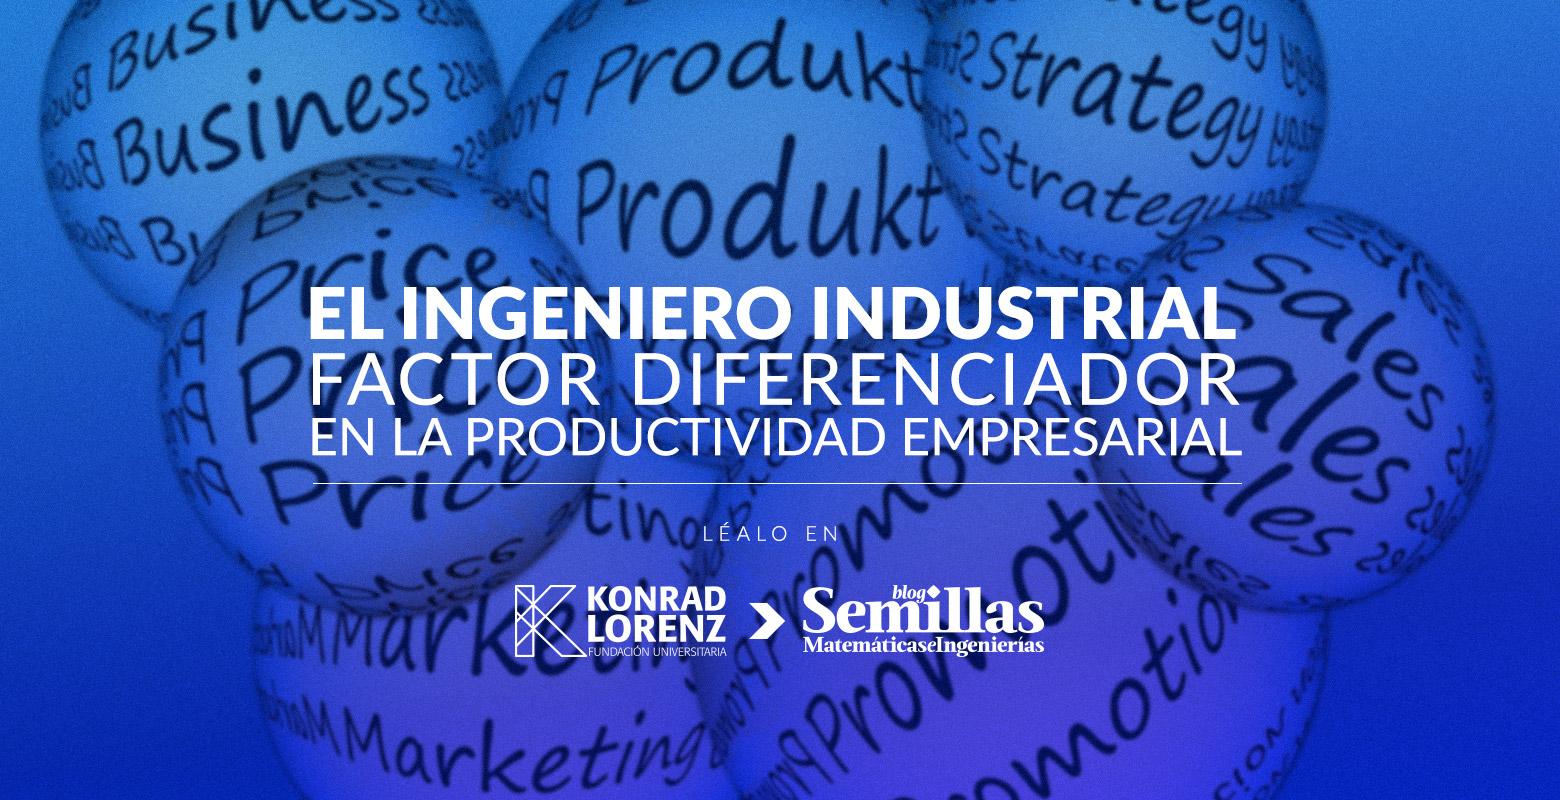 El Ingeniero Industrial: factor de diferenciación en la productividad empresarial